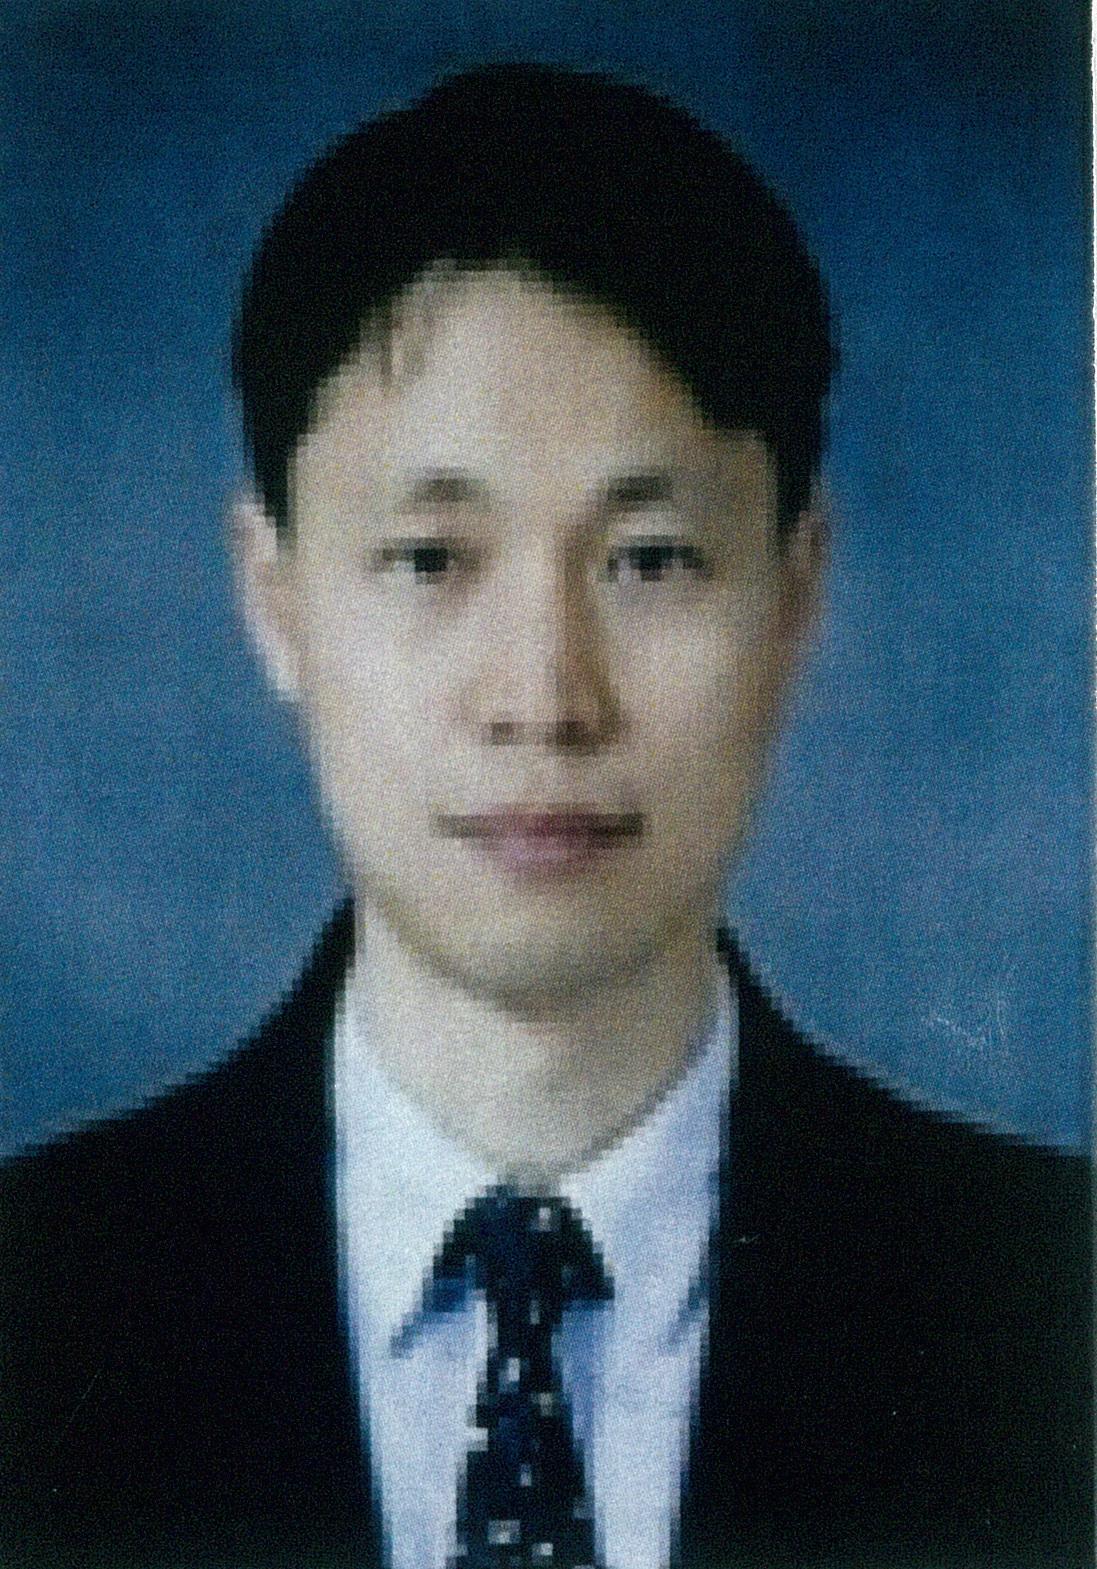 전해운 교수 증명사진